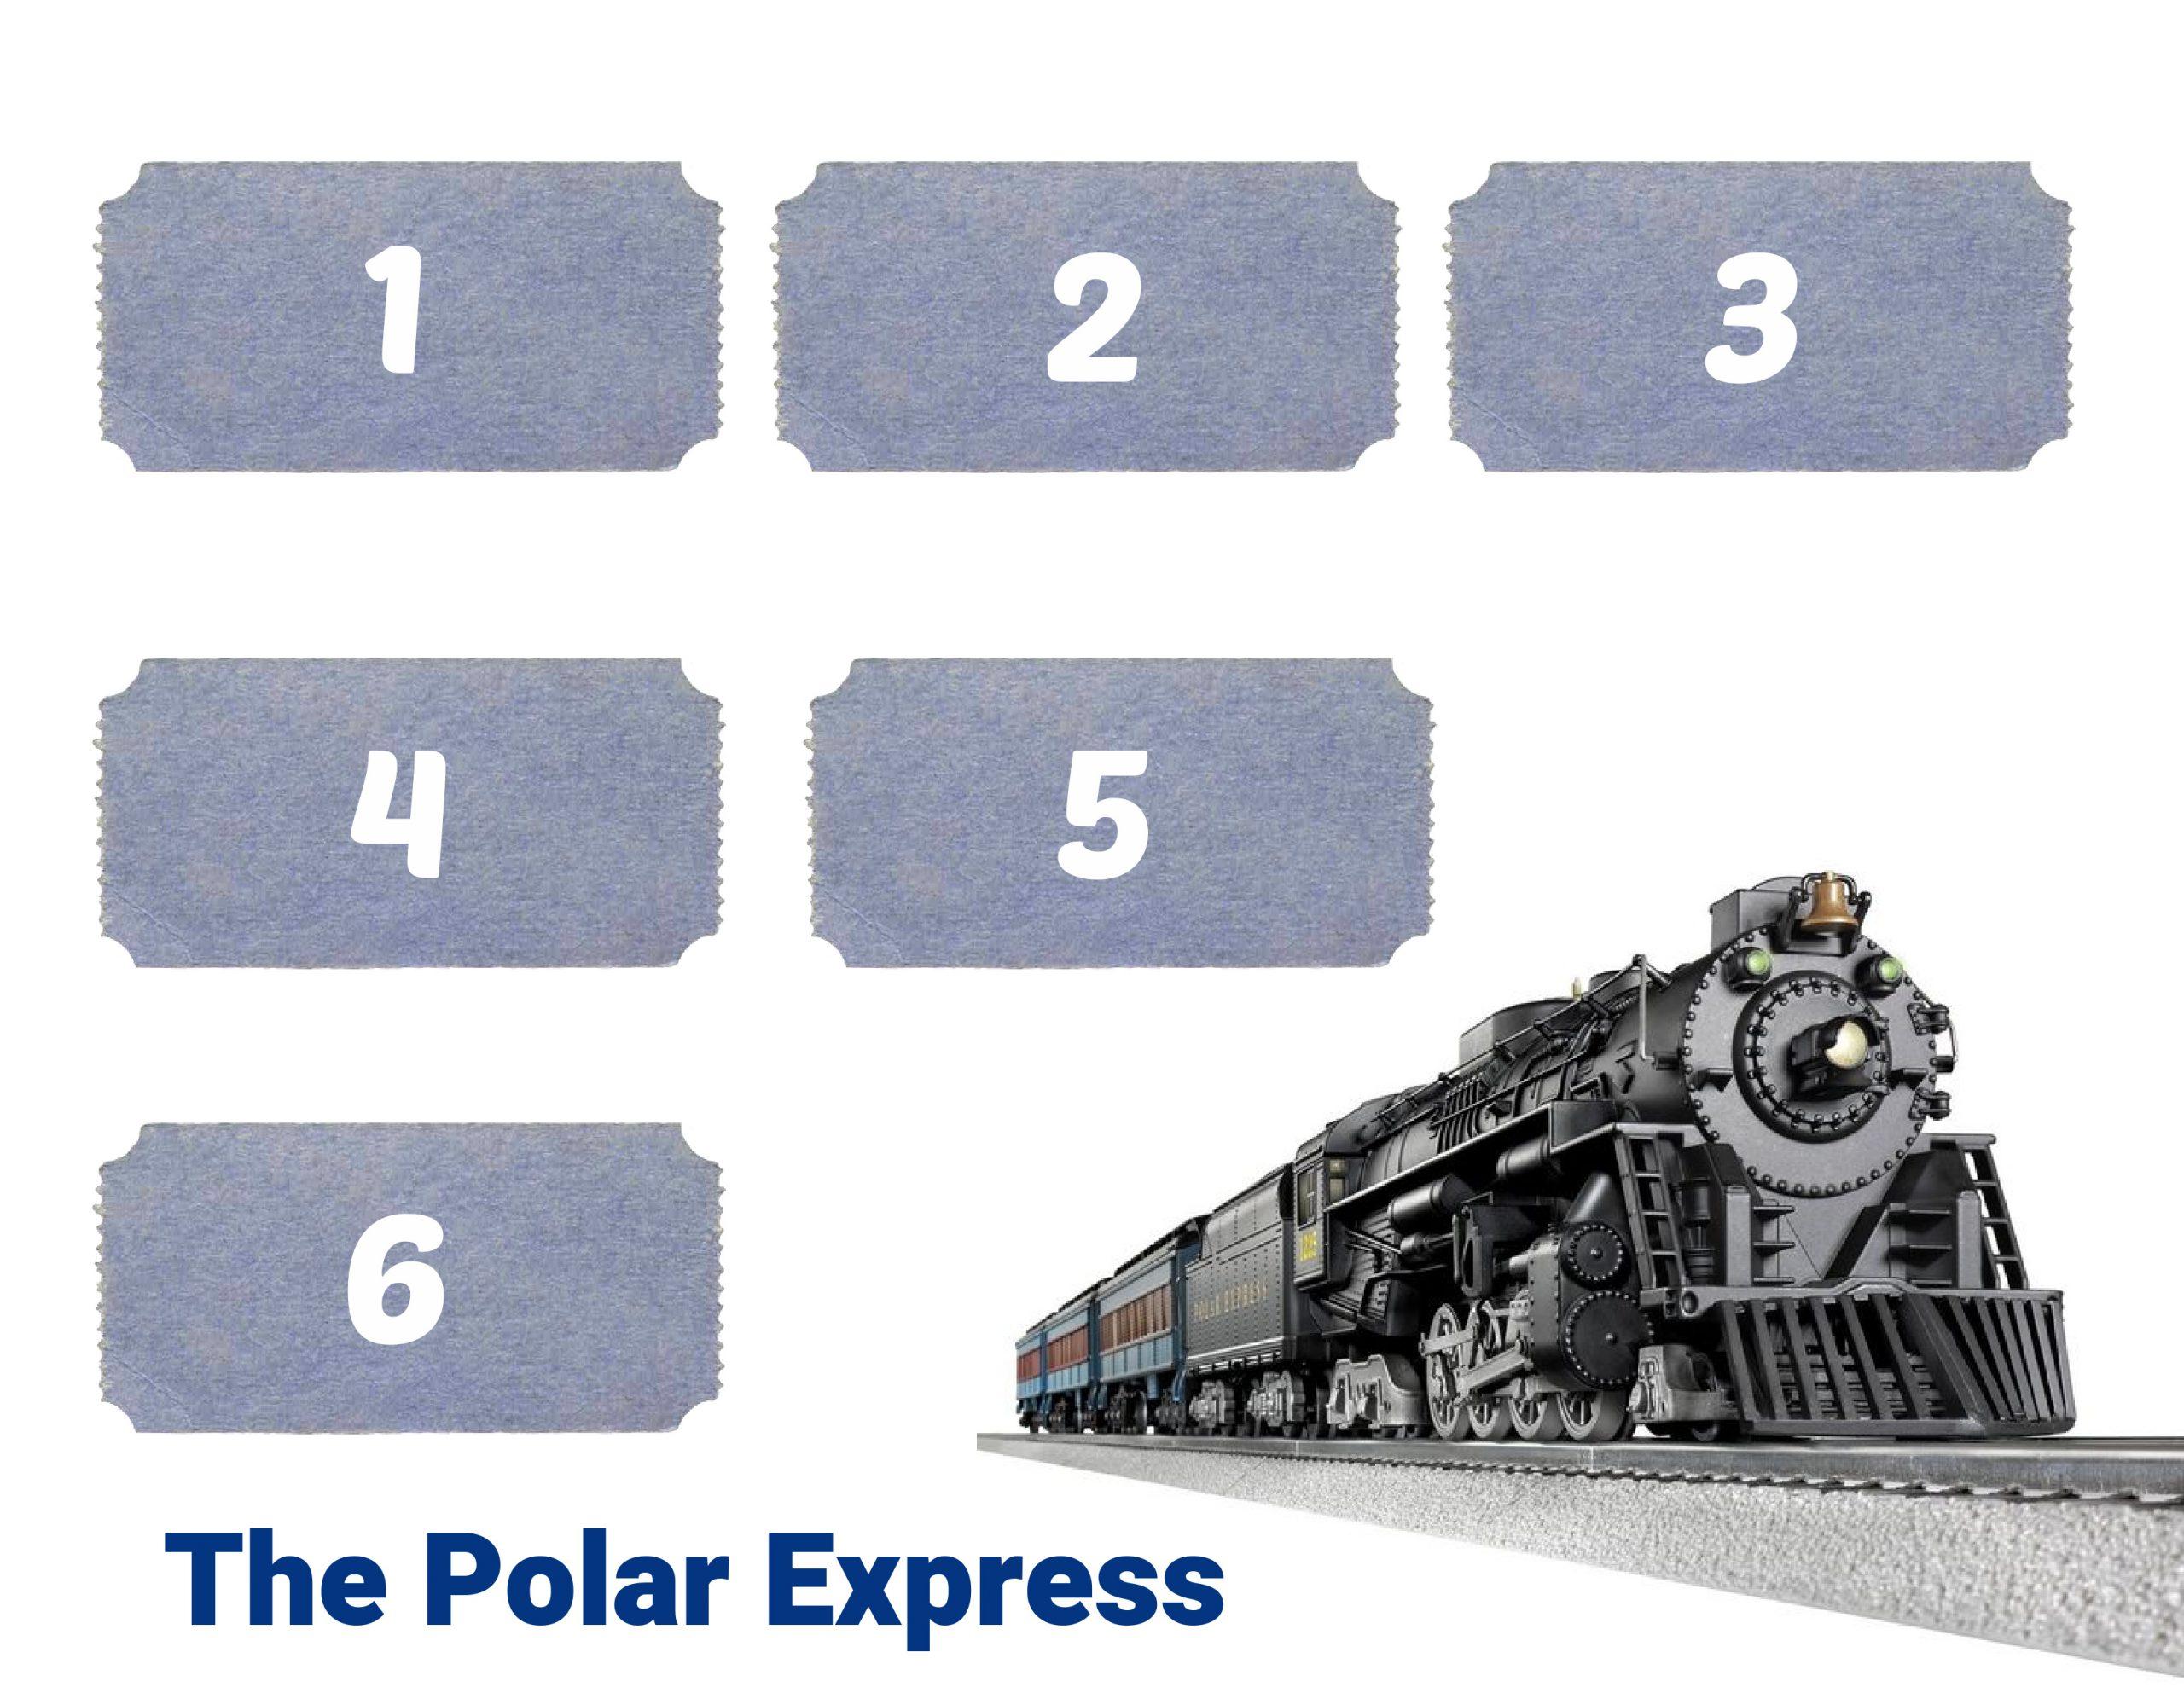 Polar Express Dice Game FREE